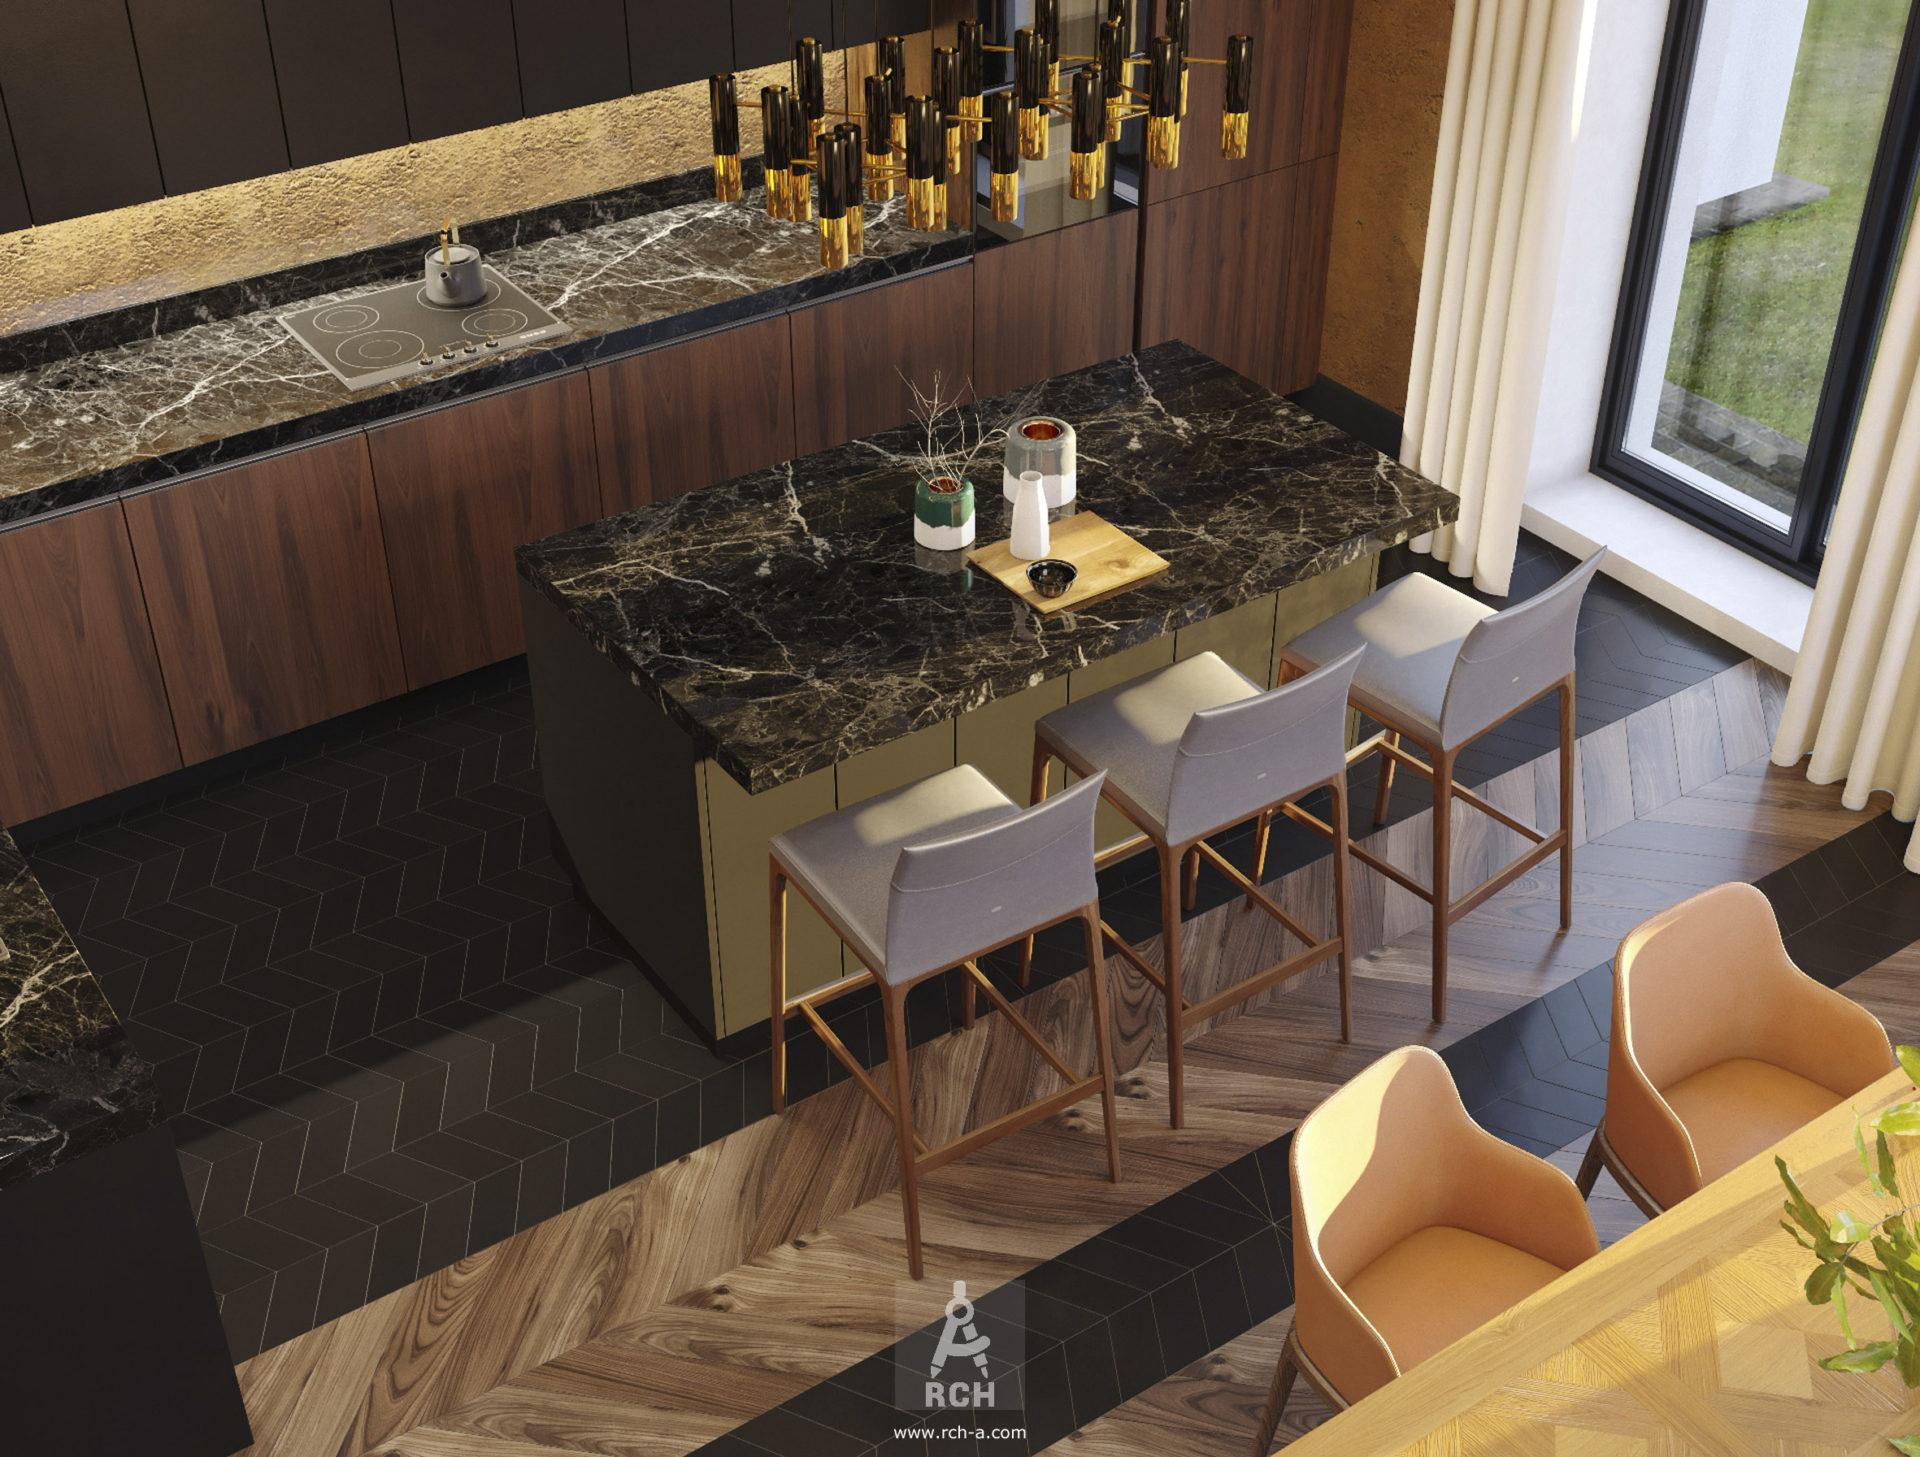 проект интерьера большой кухни с островом и столовой группой